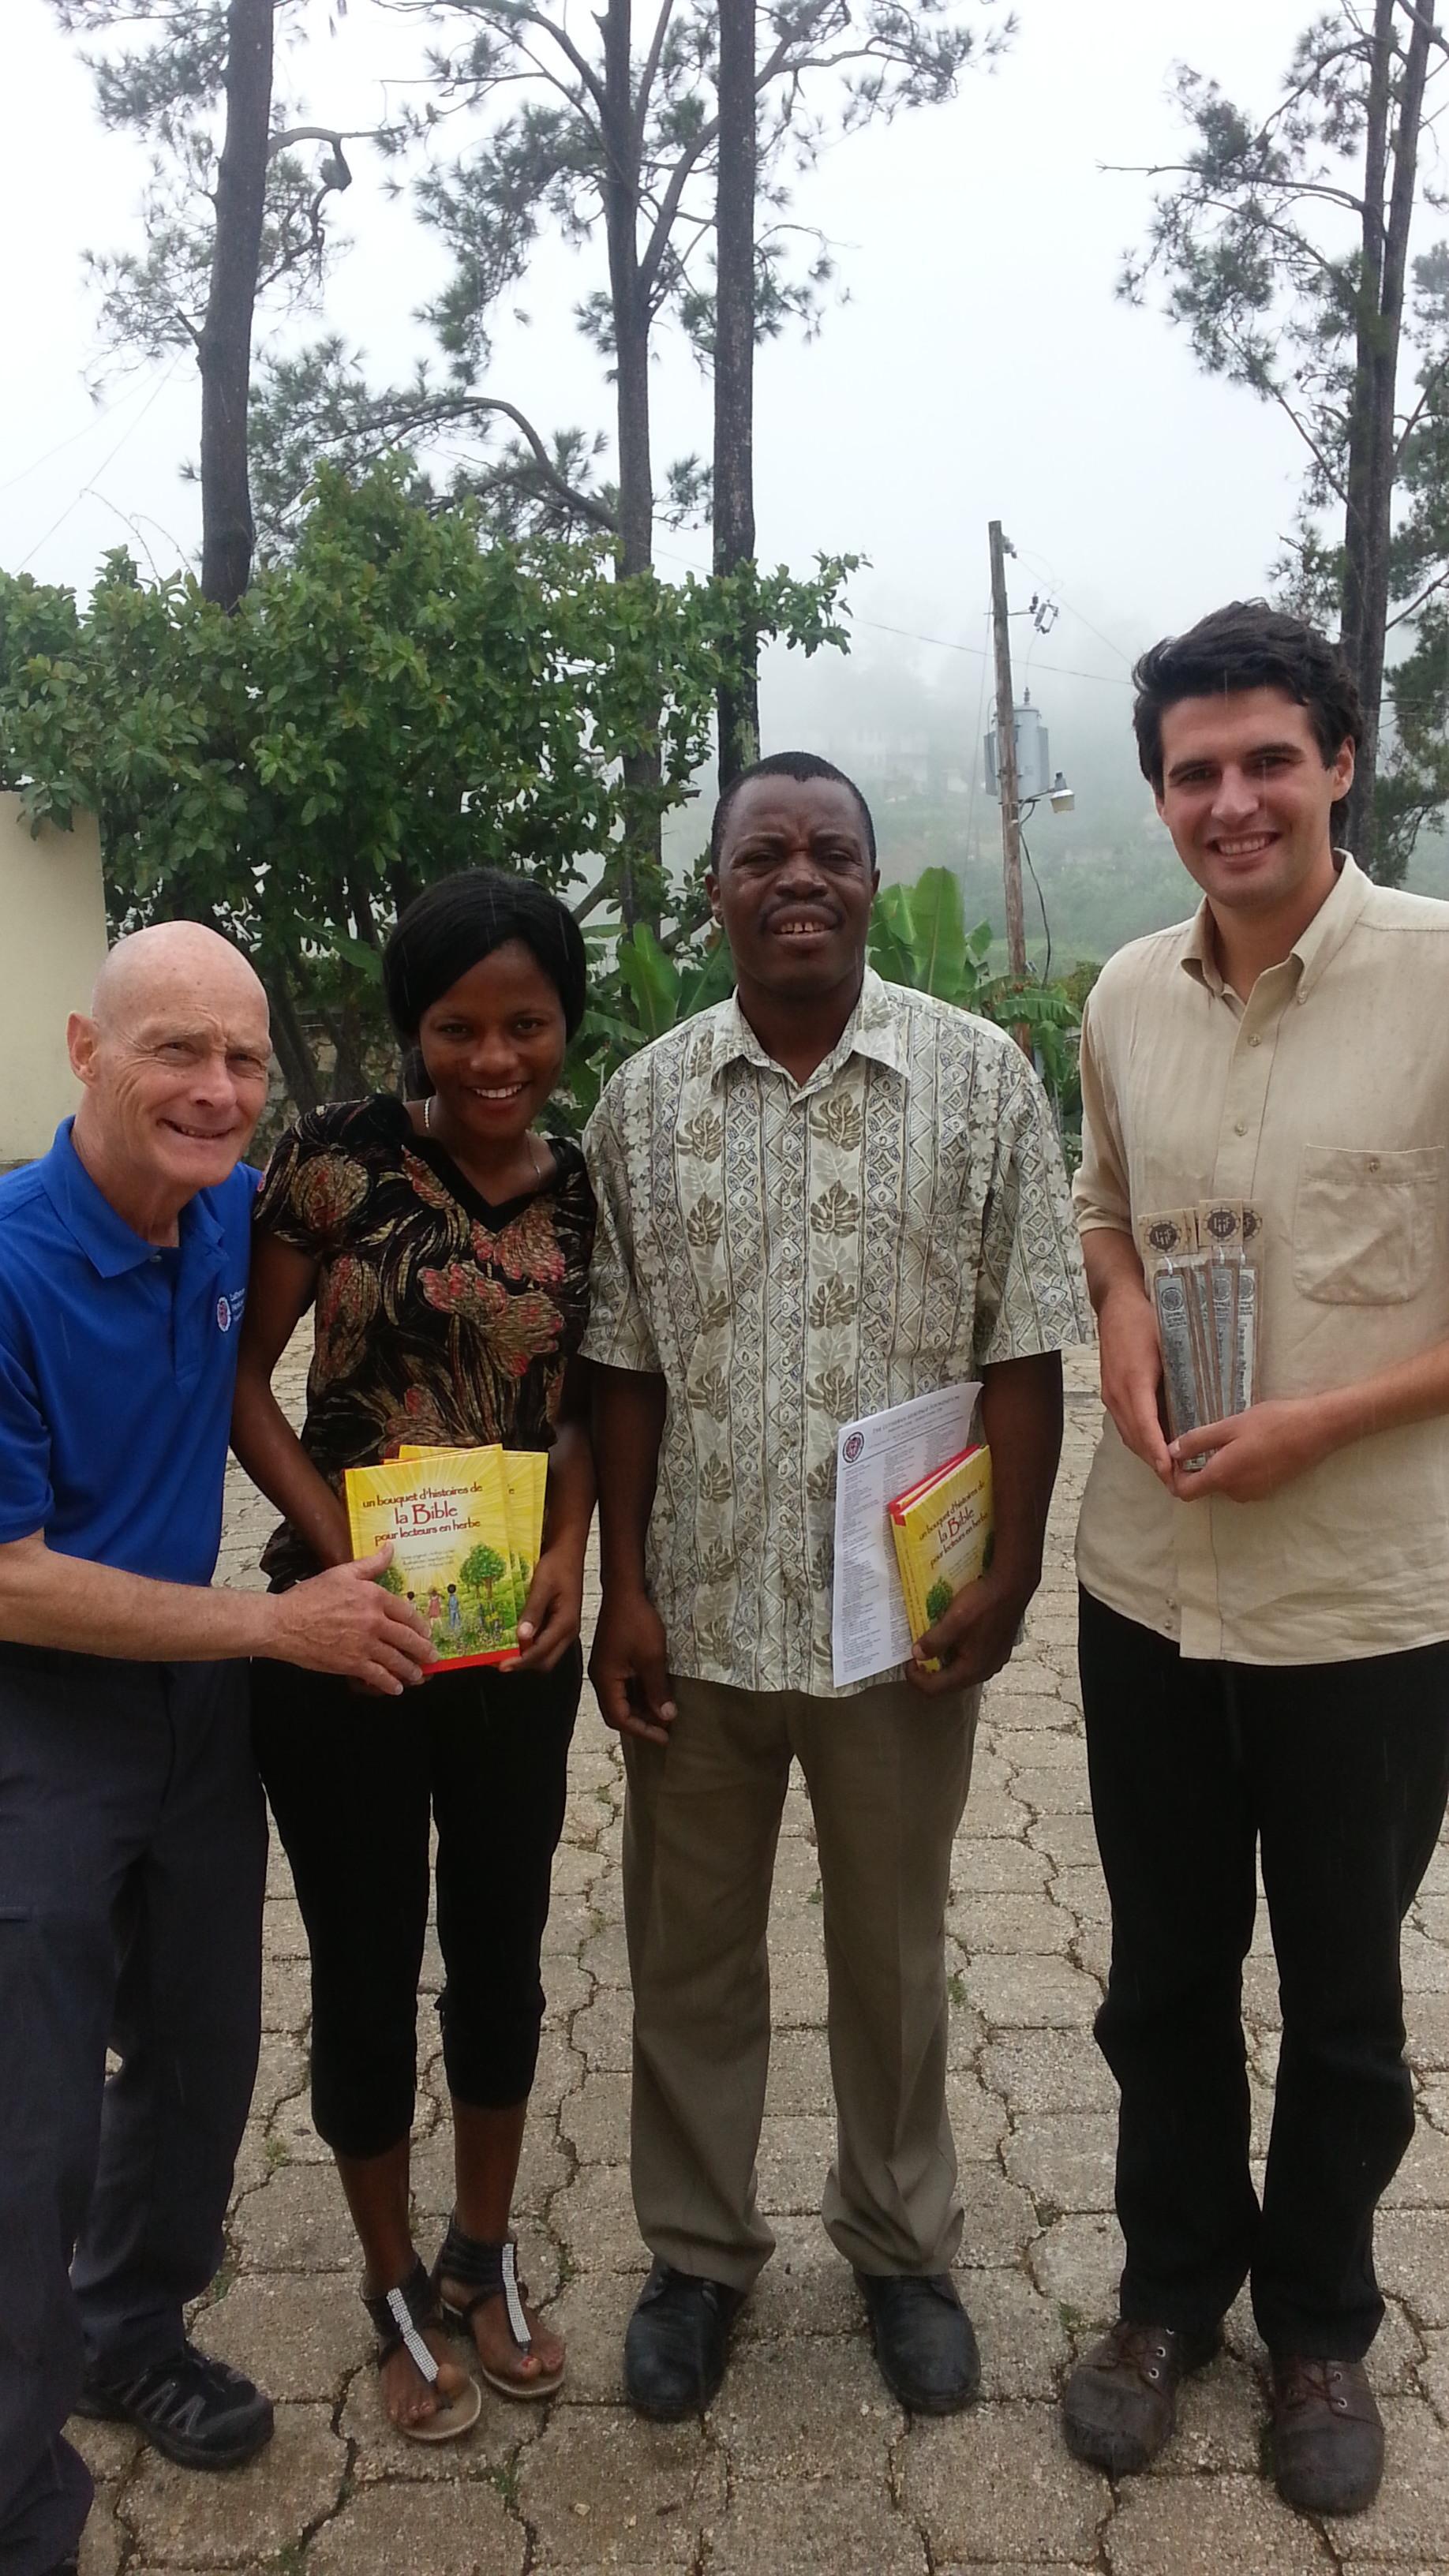 Photo of Rev. Larry Rockemann, Elaine, Rev. Daniel Paul and Ben Wiseman, NEHLM Liaison receiving picture story Bibles.